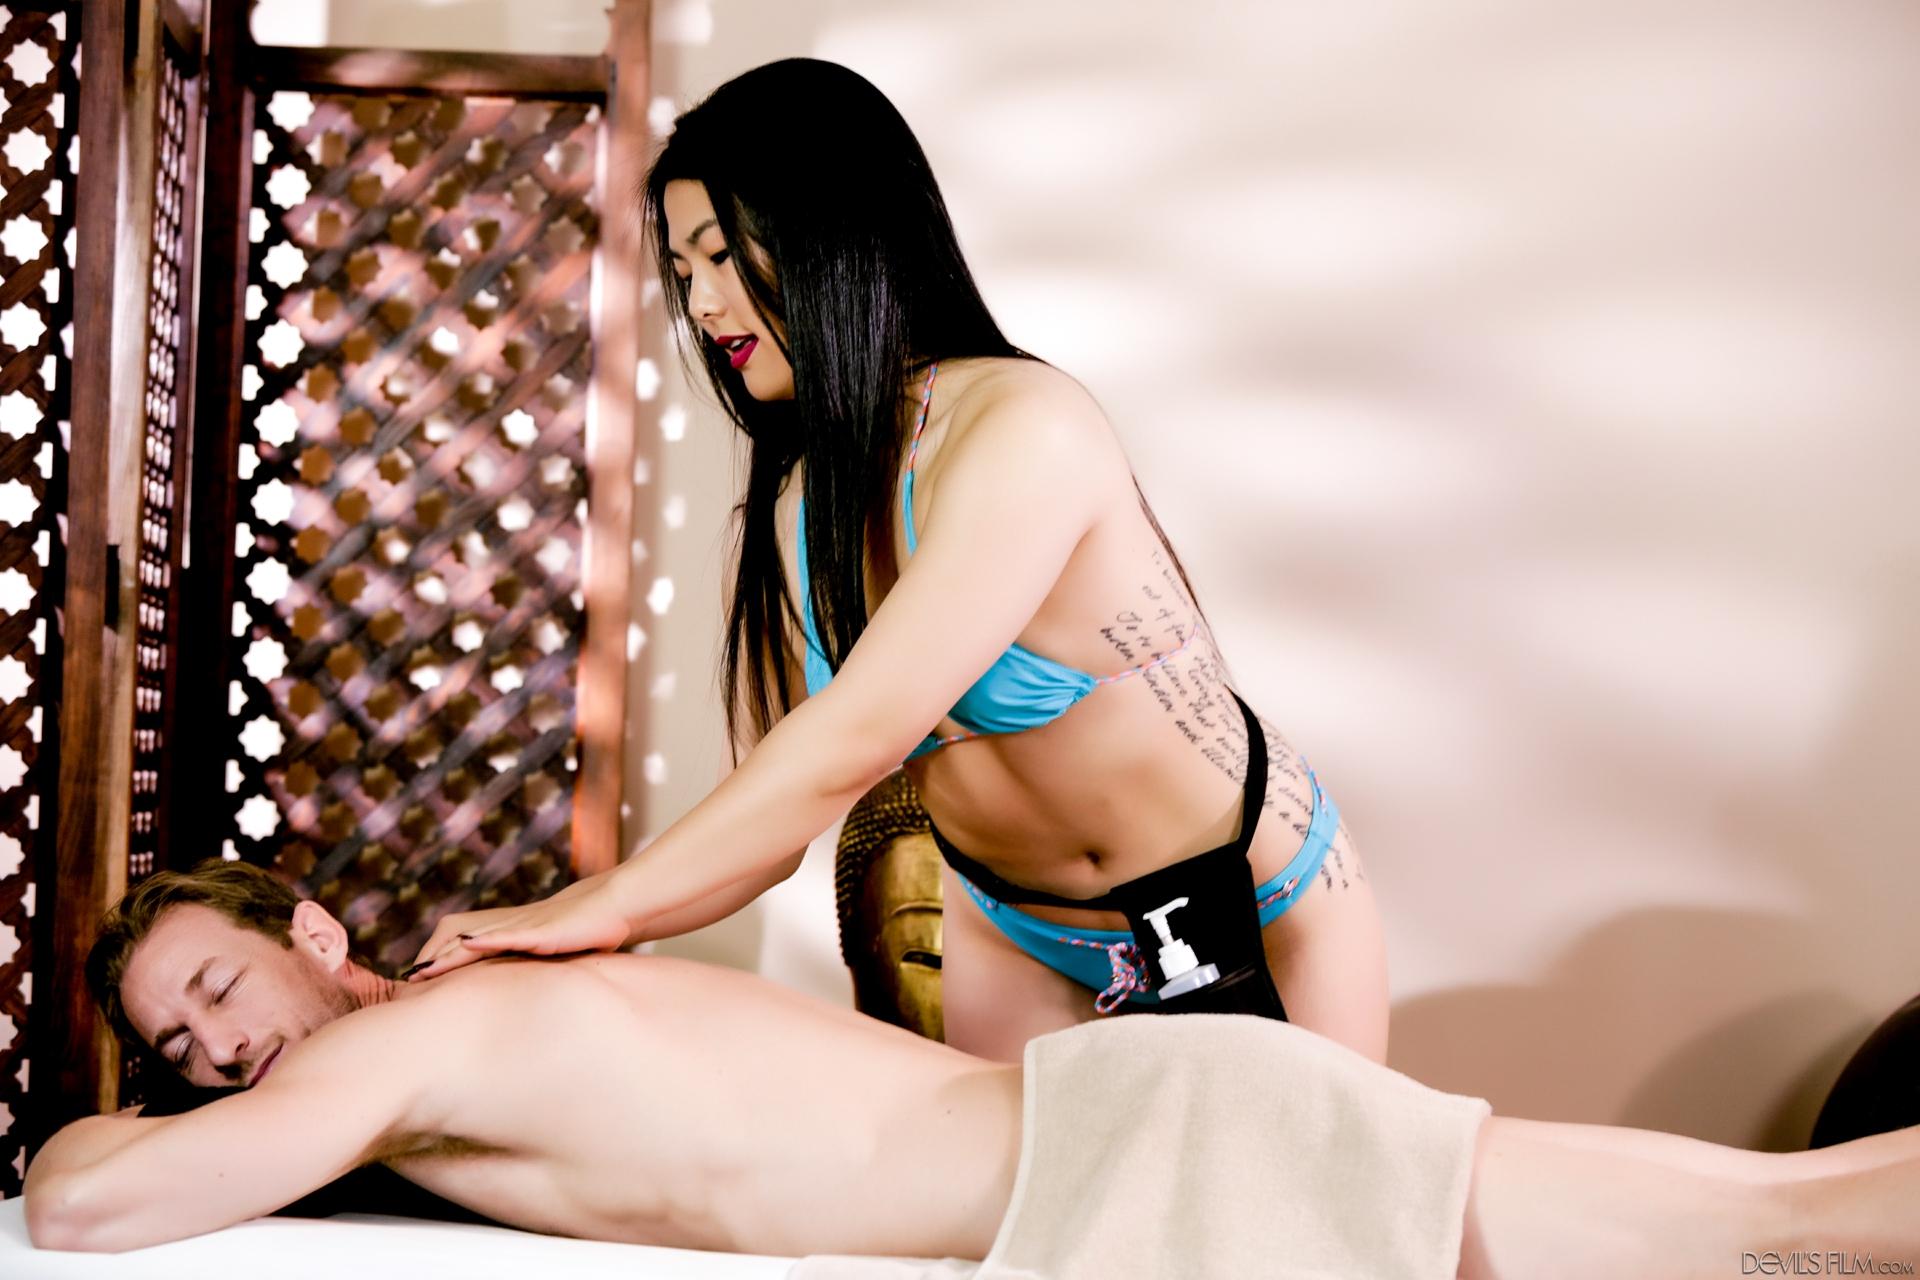 Asiatinnen Pornos. Galerie - 2034. Foto - 2